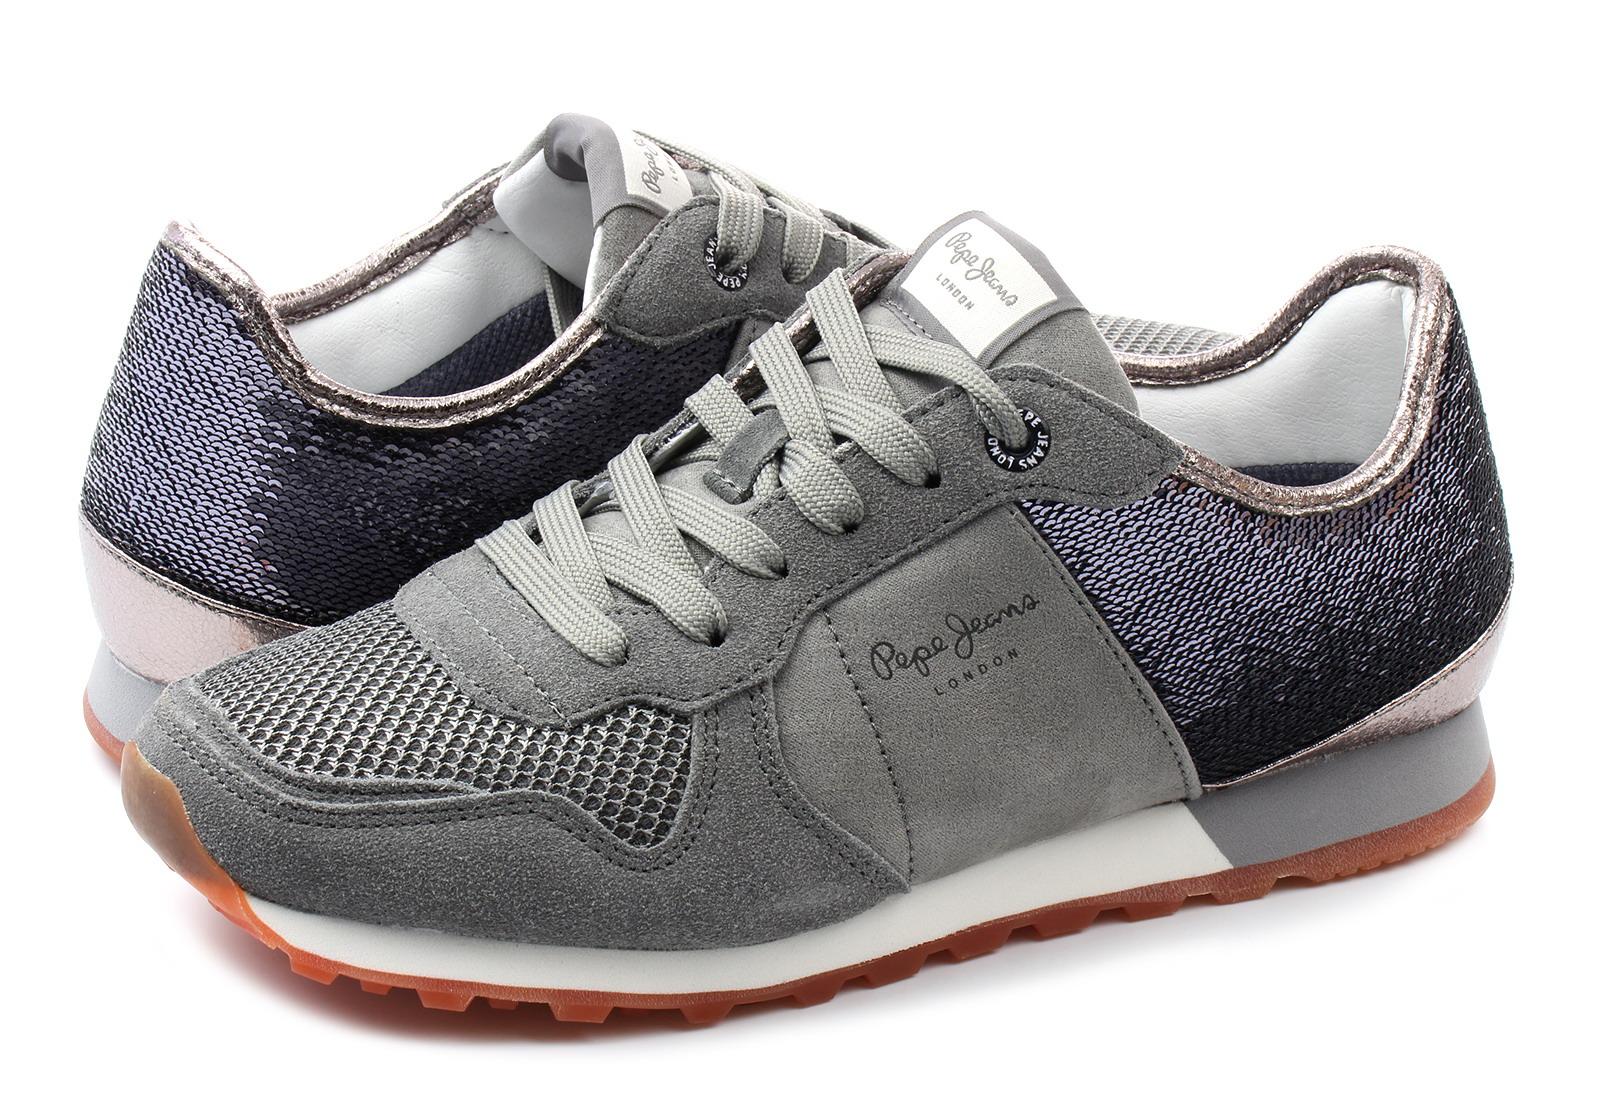 Pepe Jeans Cipő - Verona W - PLS30717925 - Office Shoes Magyarország a038045227